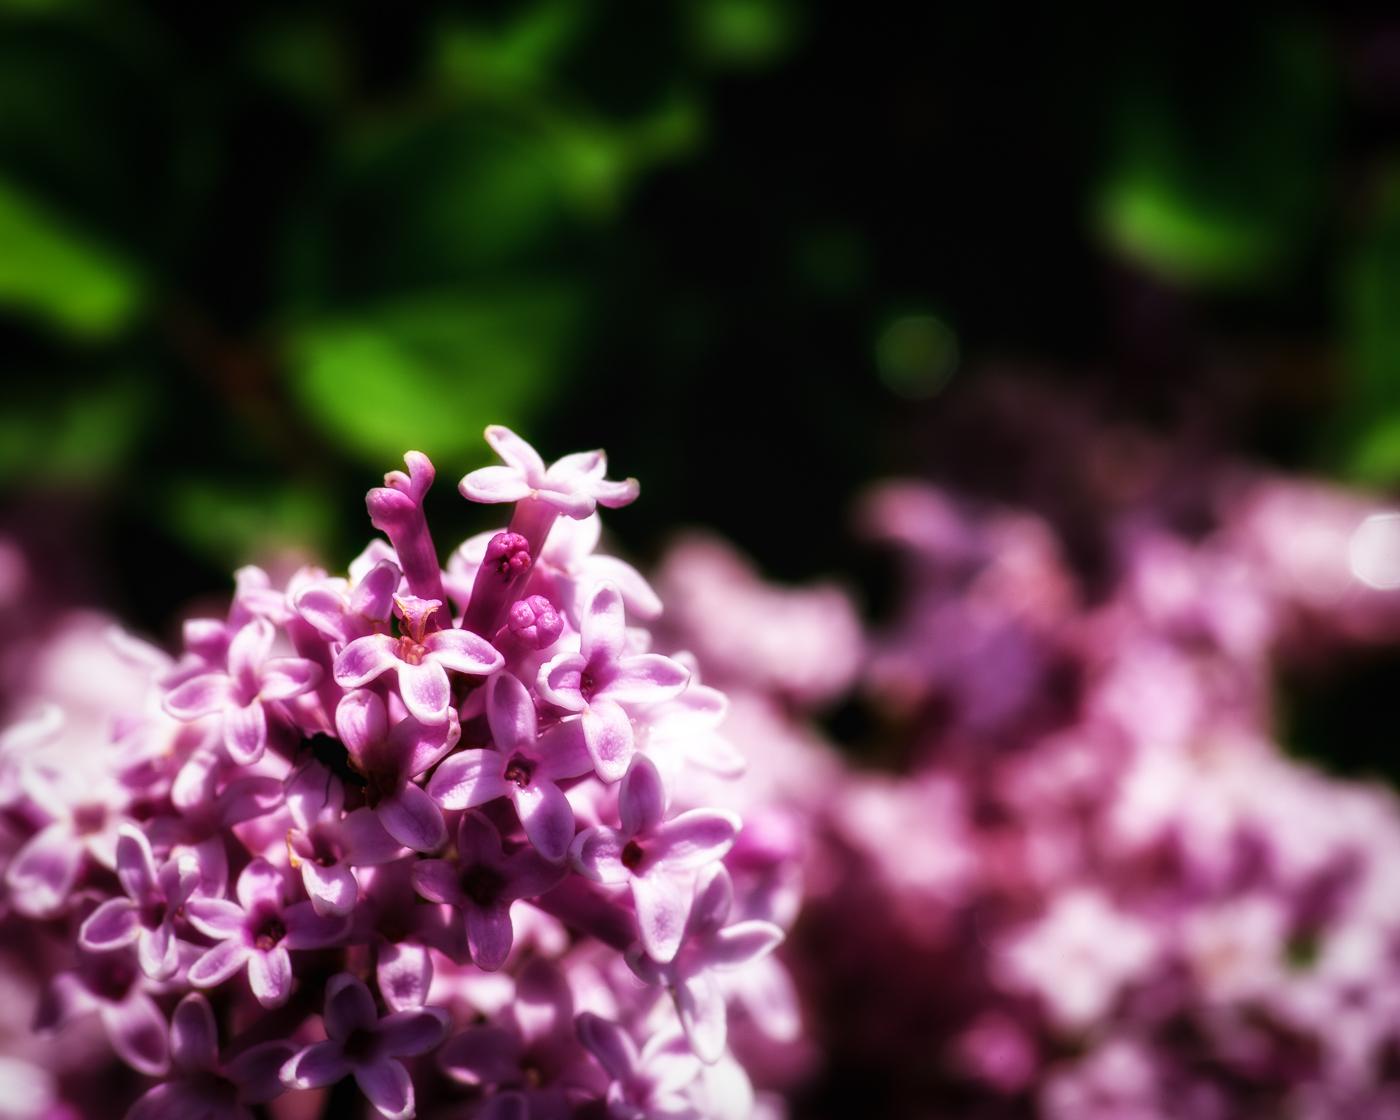 The Lilacs up close.